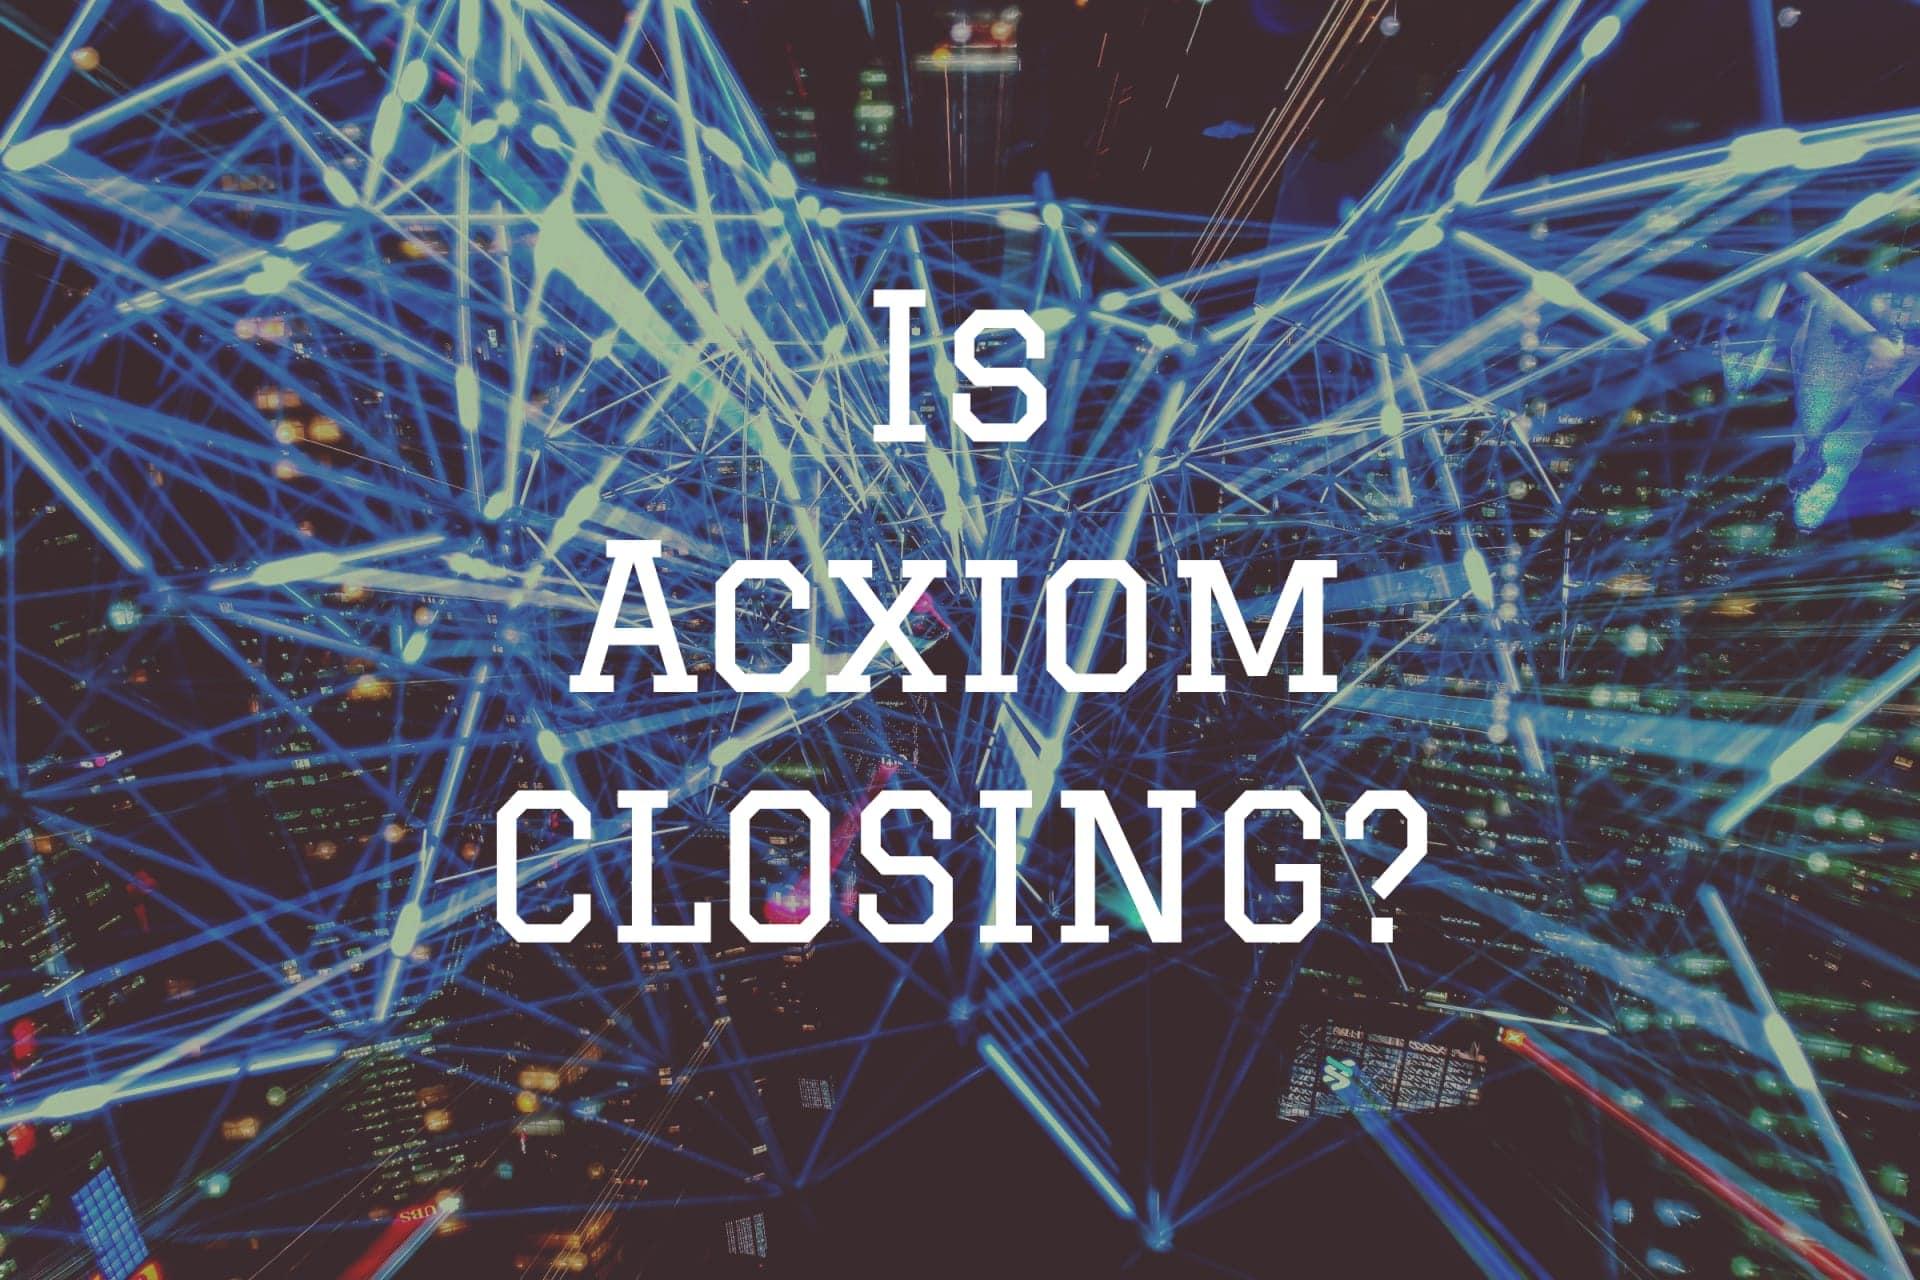 Acxiom Closing